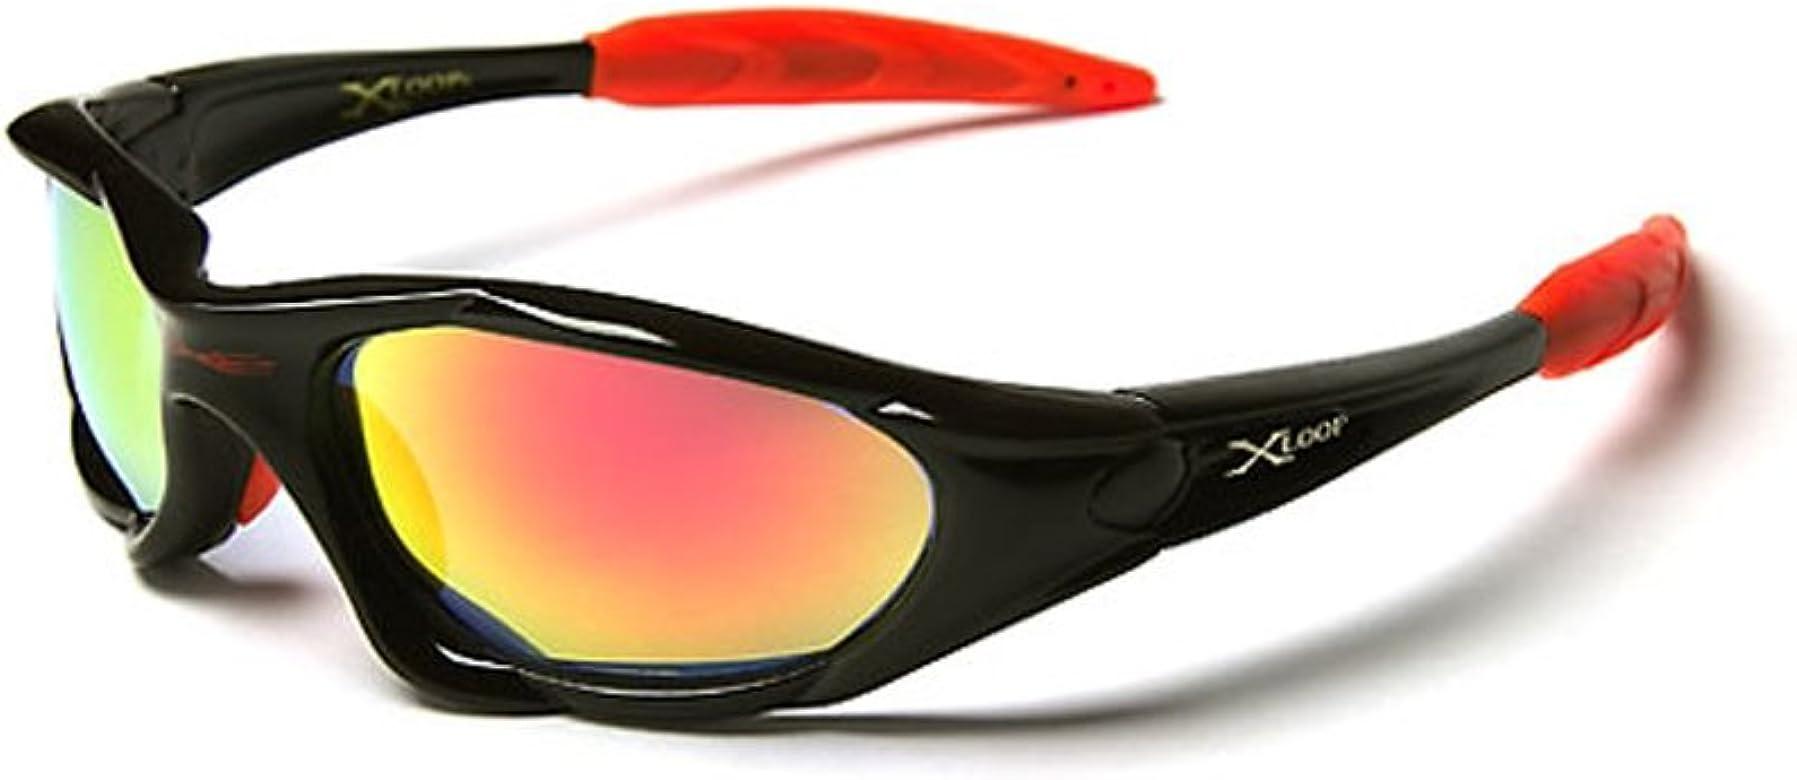 X-Loop Extreme Gafas de Sol - Deporte - Esqui - Ciclismo (Incluso Estuche, Funda - Vault Case): Amazon.es: Zapatos y complementos